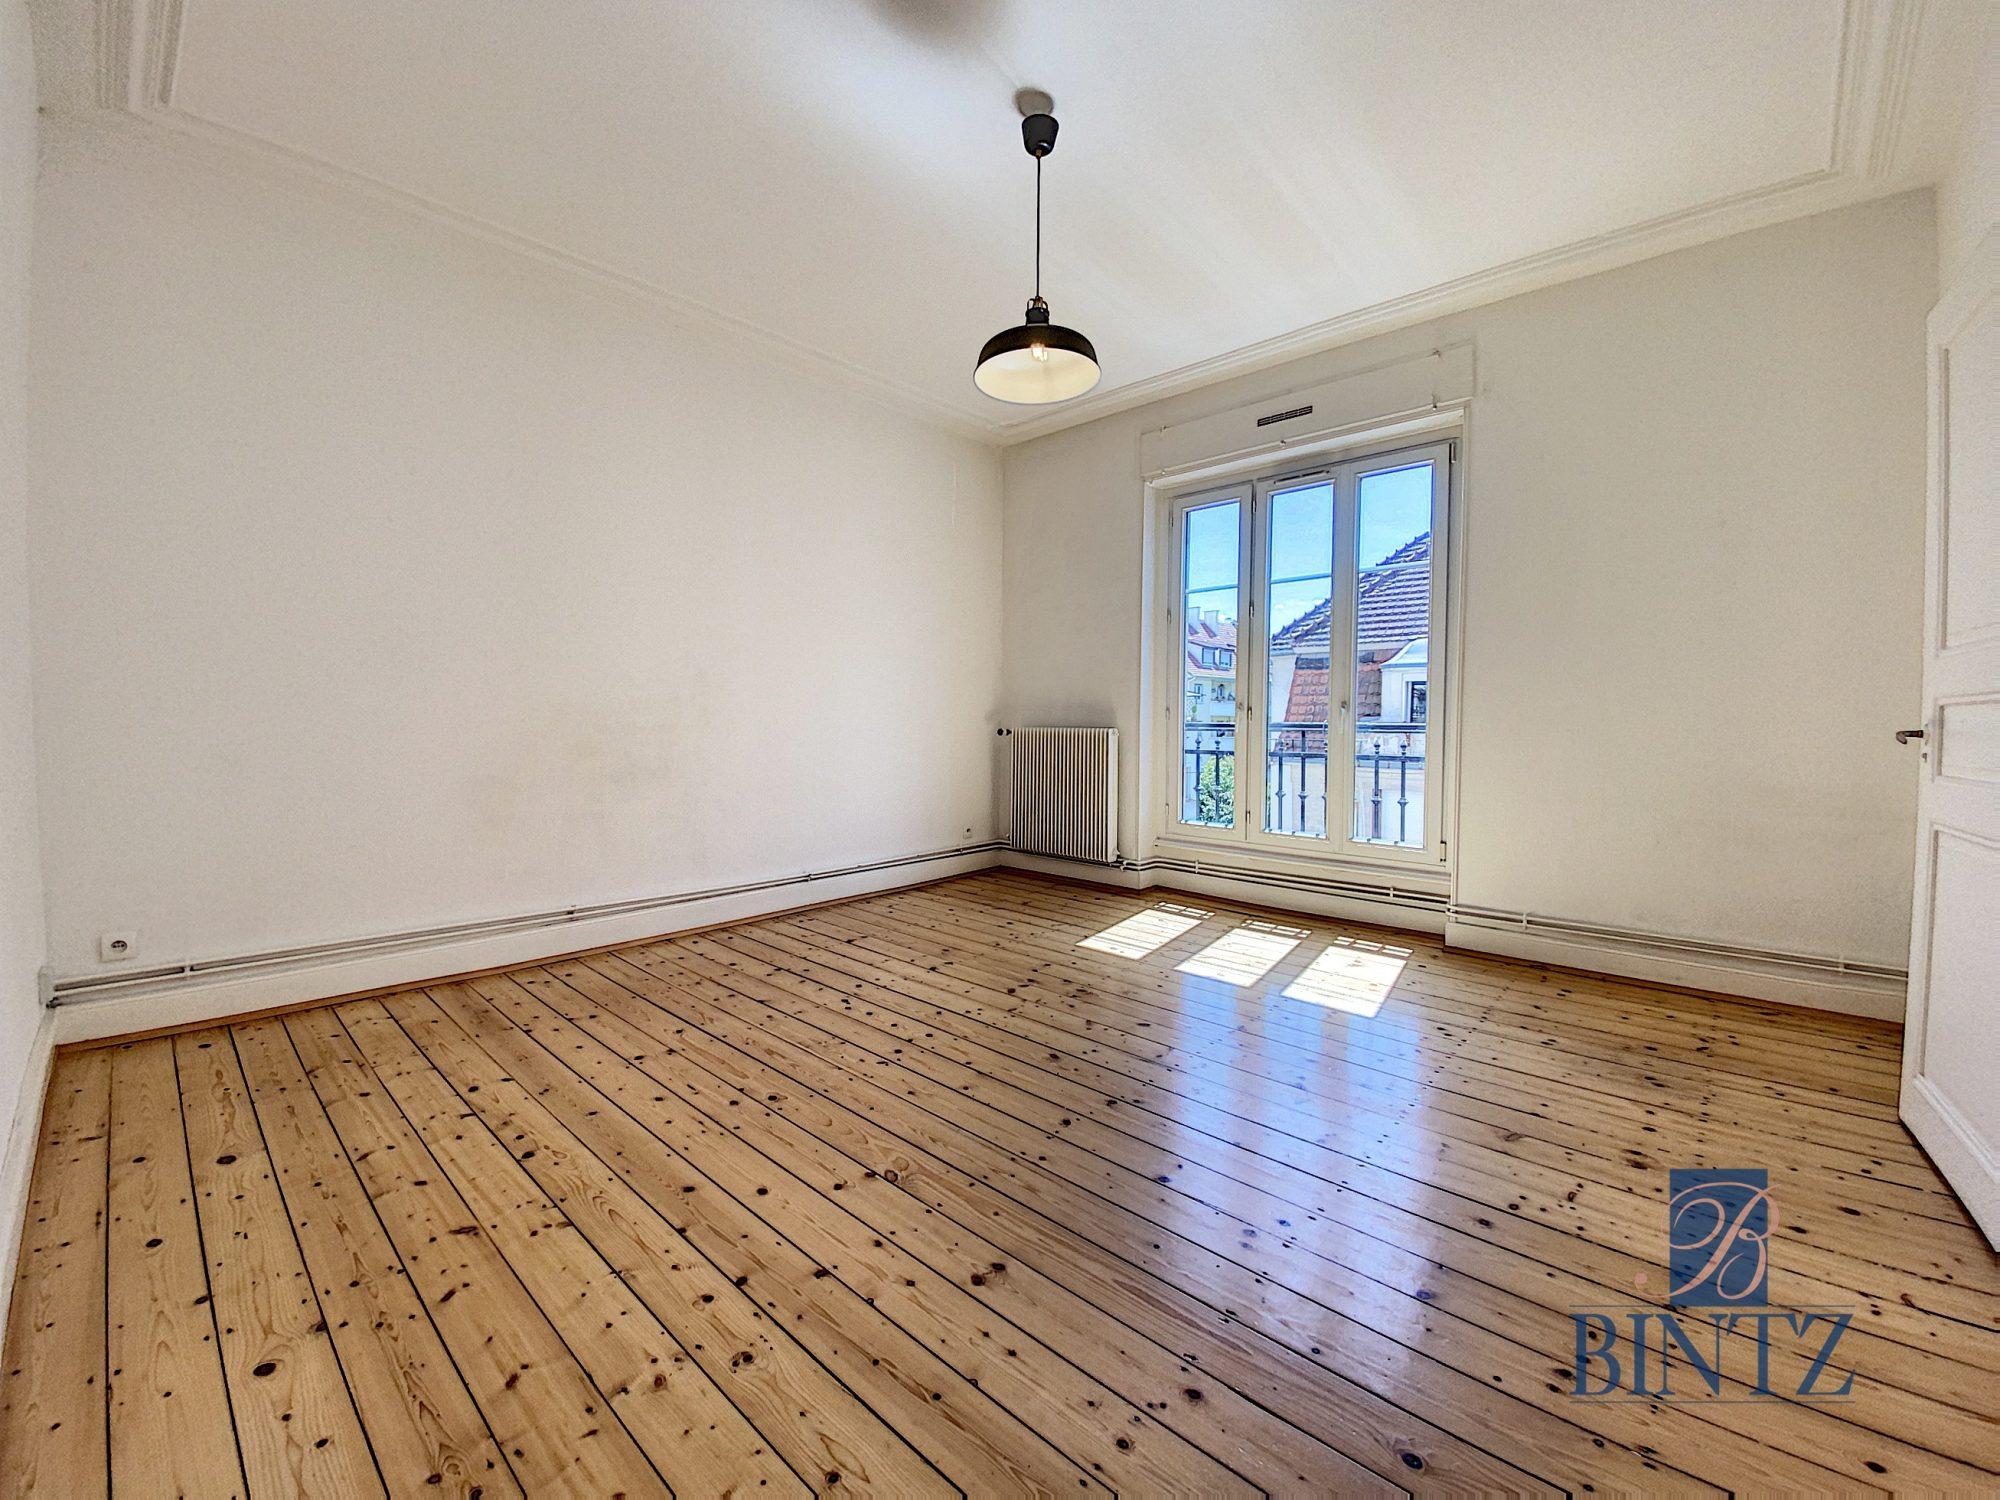 2 PIÈCES NEUDORF - Devenez locataire en toute sérénité - Bintz Immobilier - 13